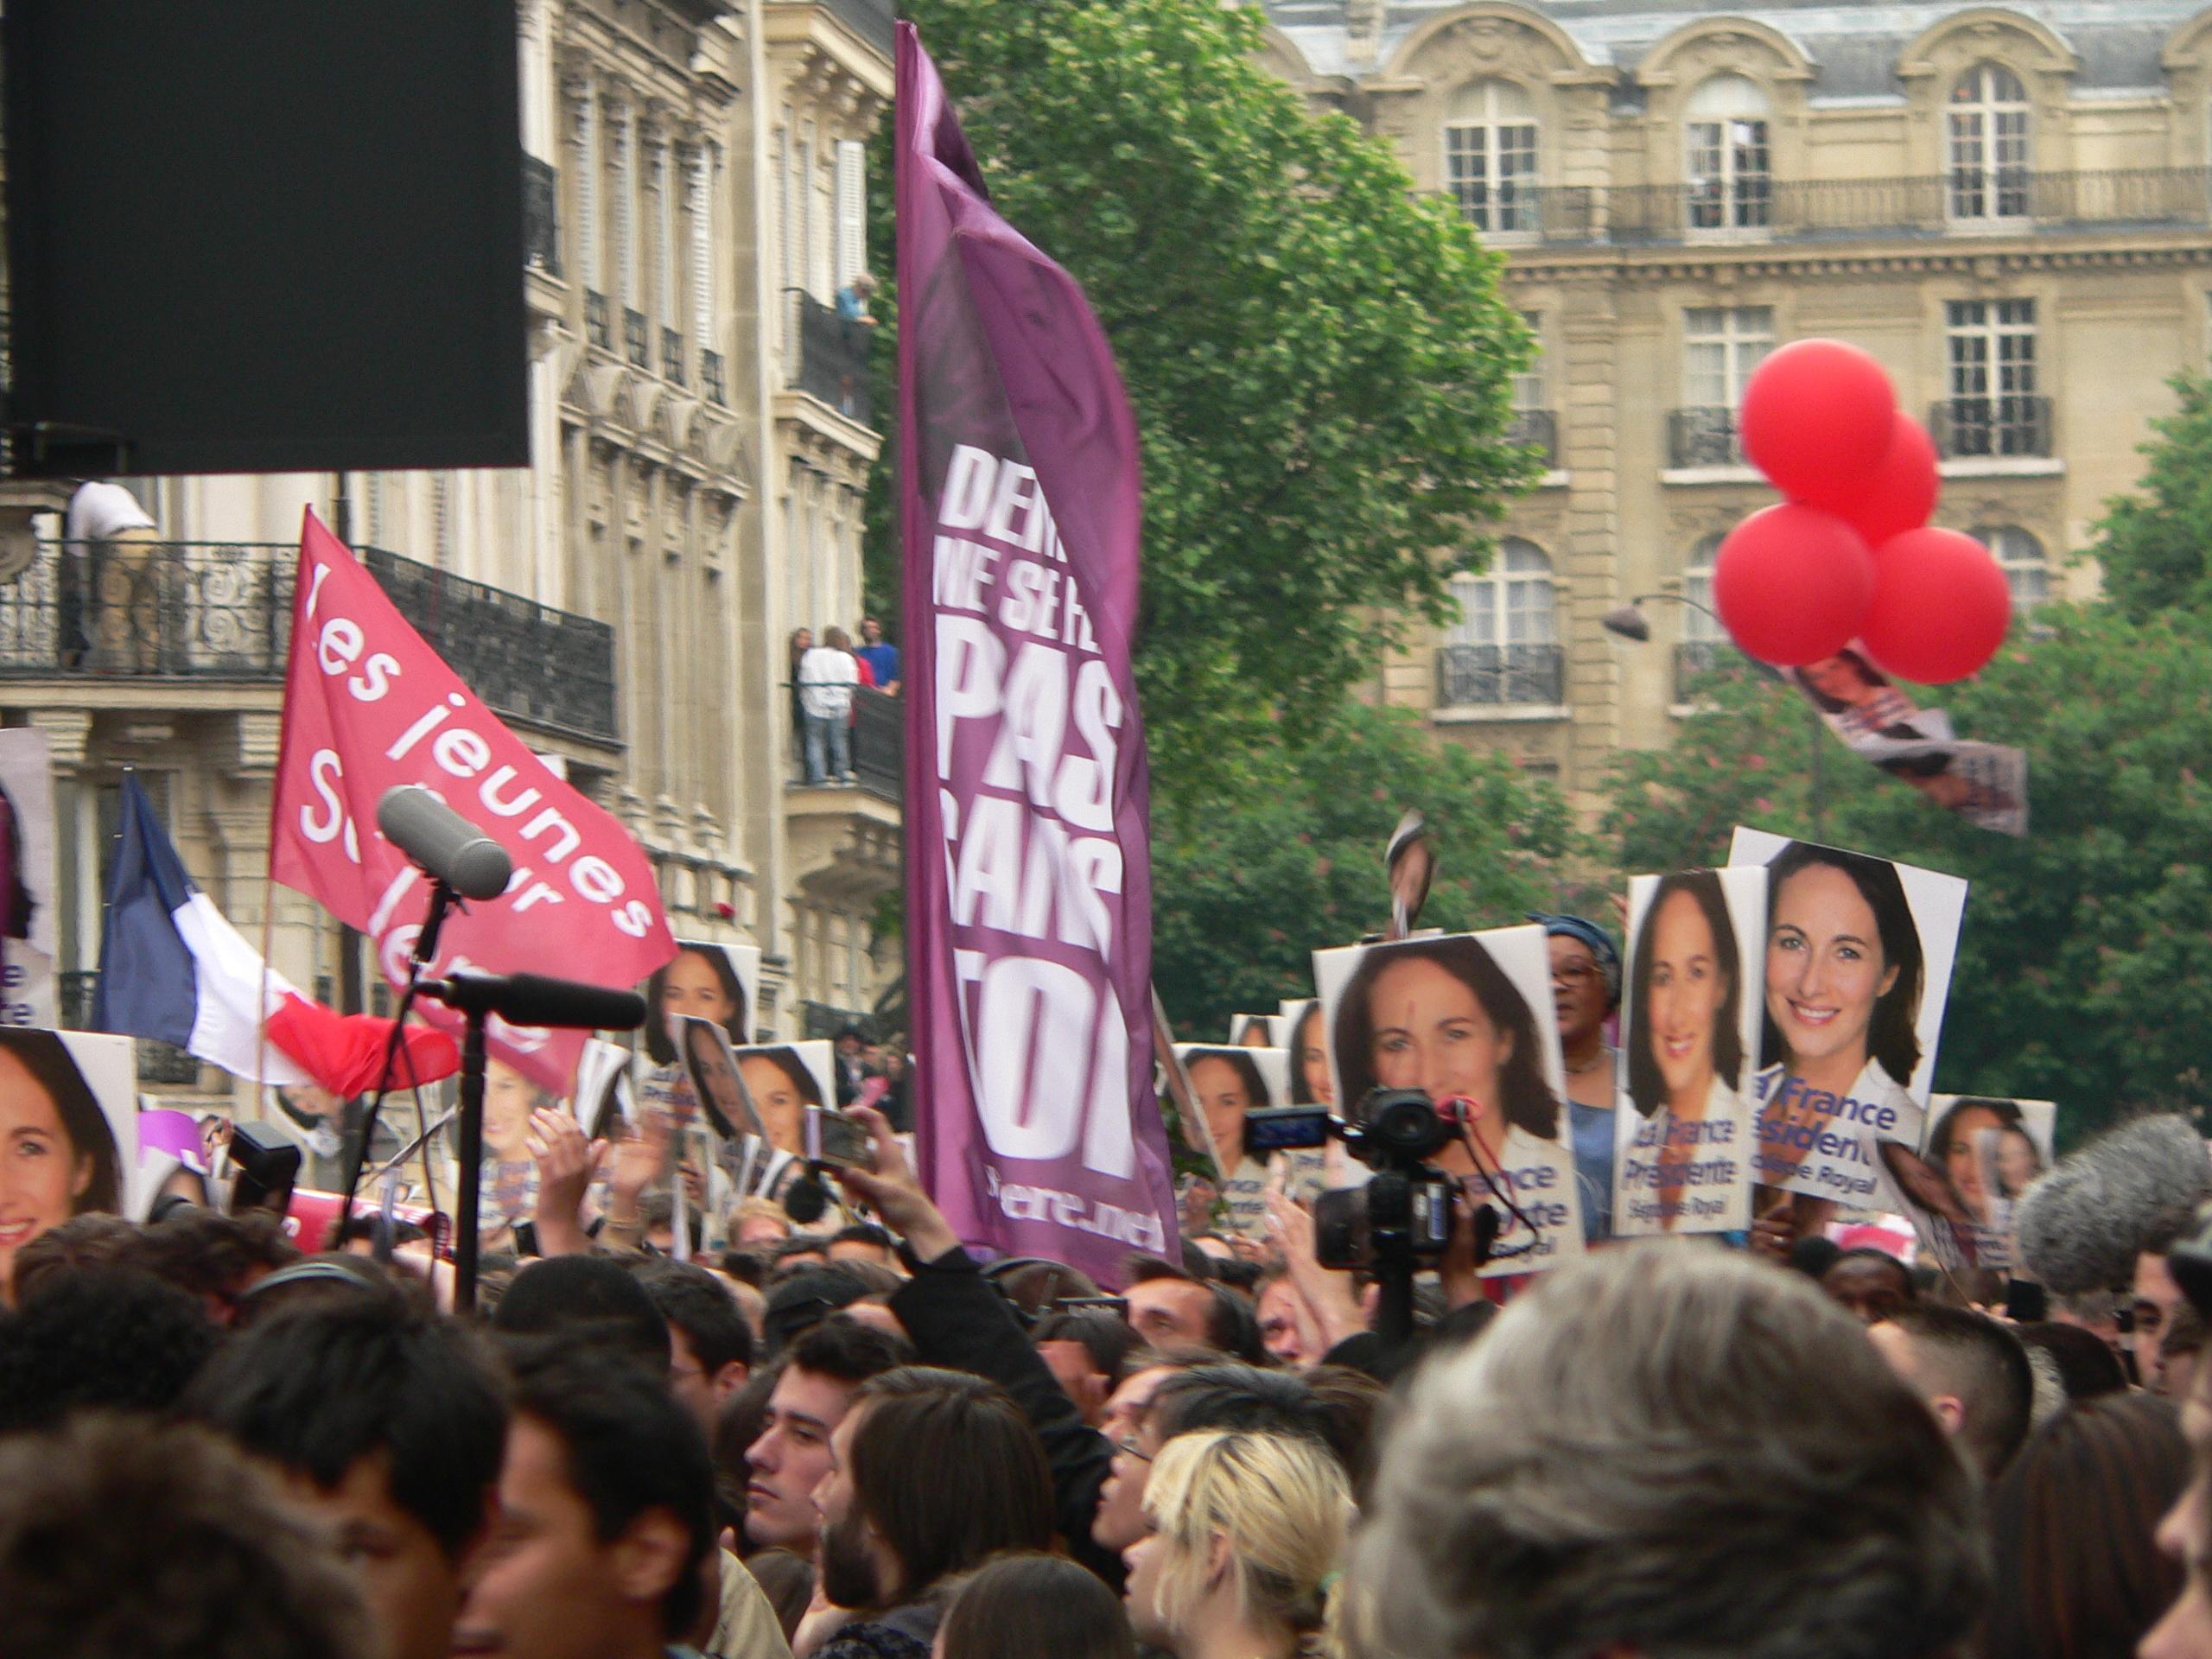 حزب سوسیالیست (فرانسه)